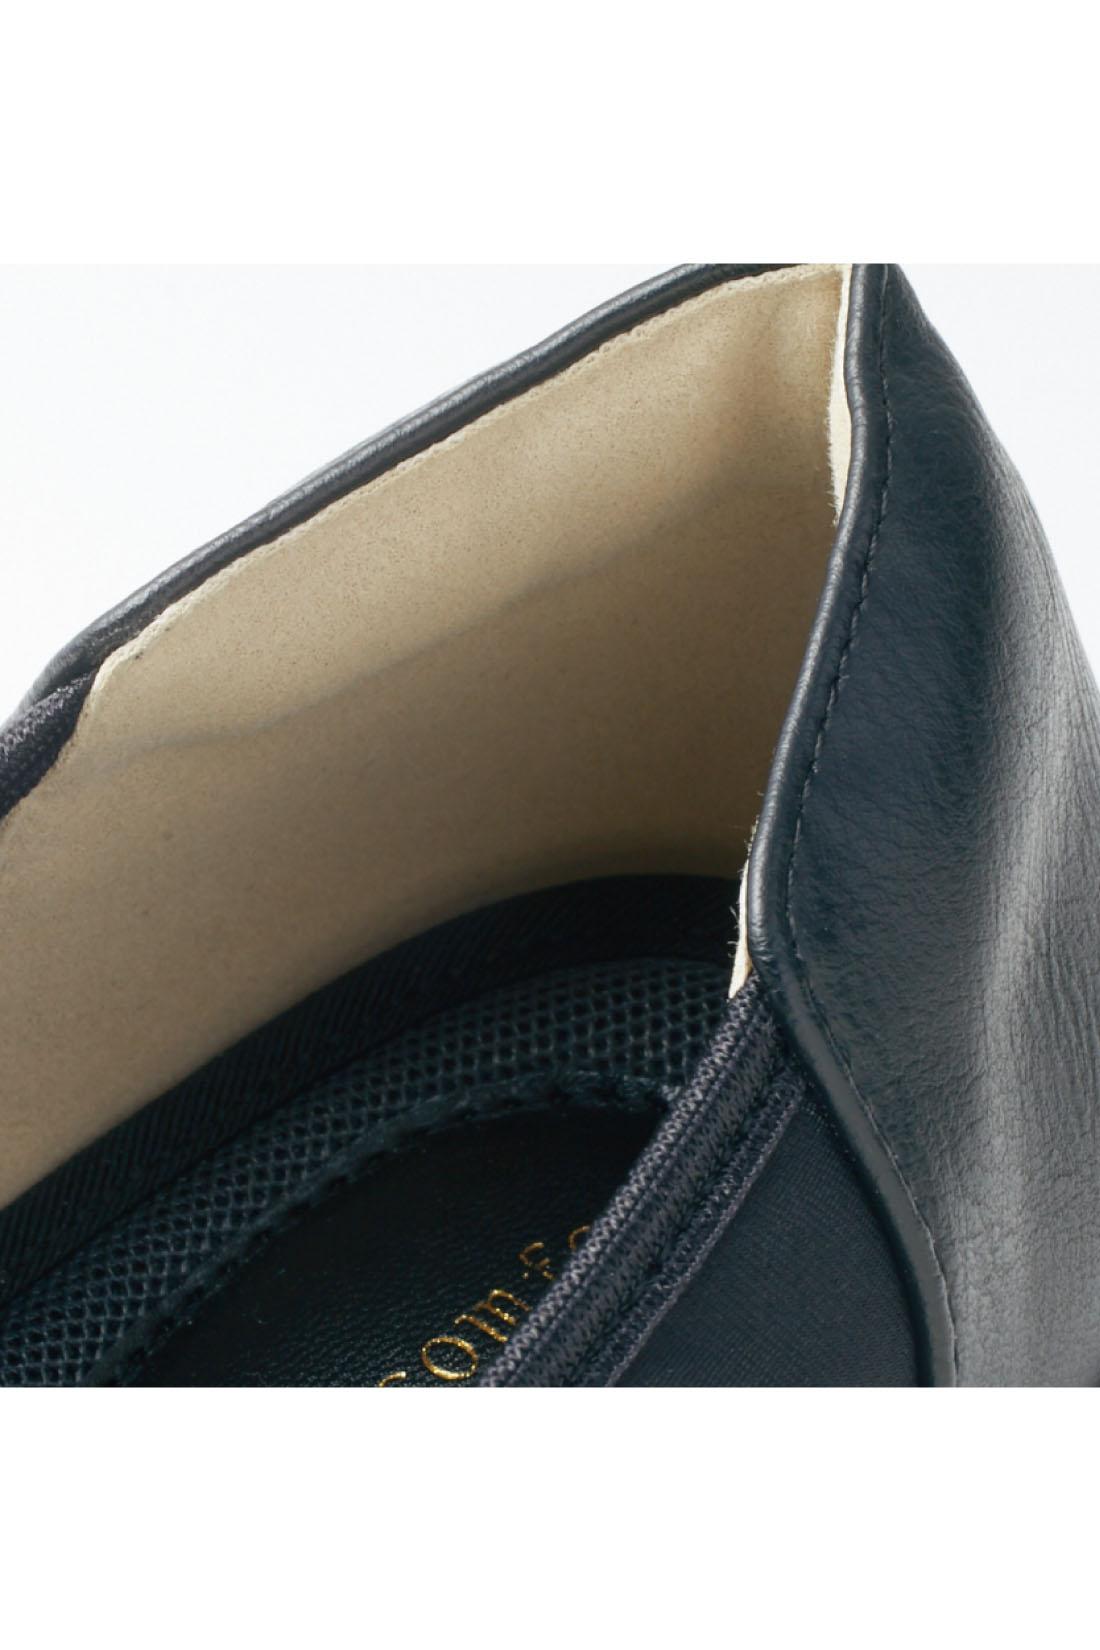 足裏をやさしく受け止めるふかふかメッシュ素材で快適なインソール。かかとのあたりをやわらげるクッションなど、快適さを隅々に。